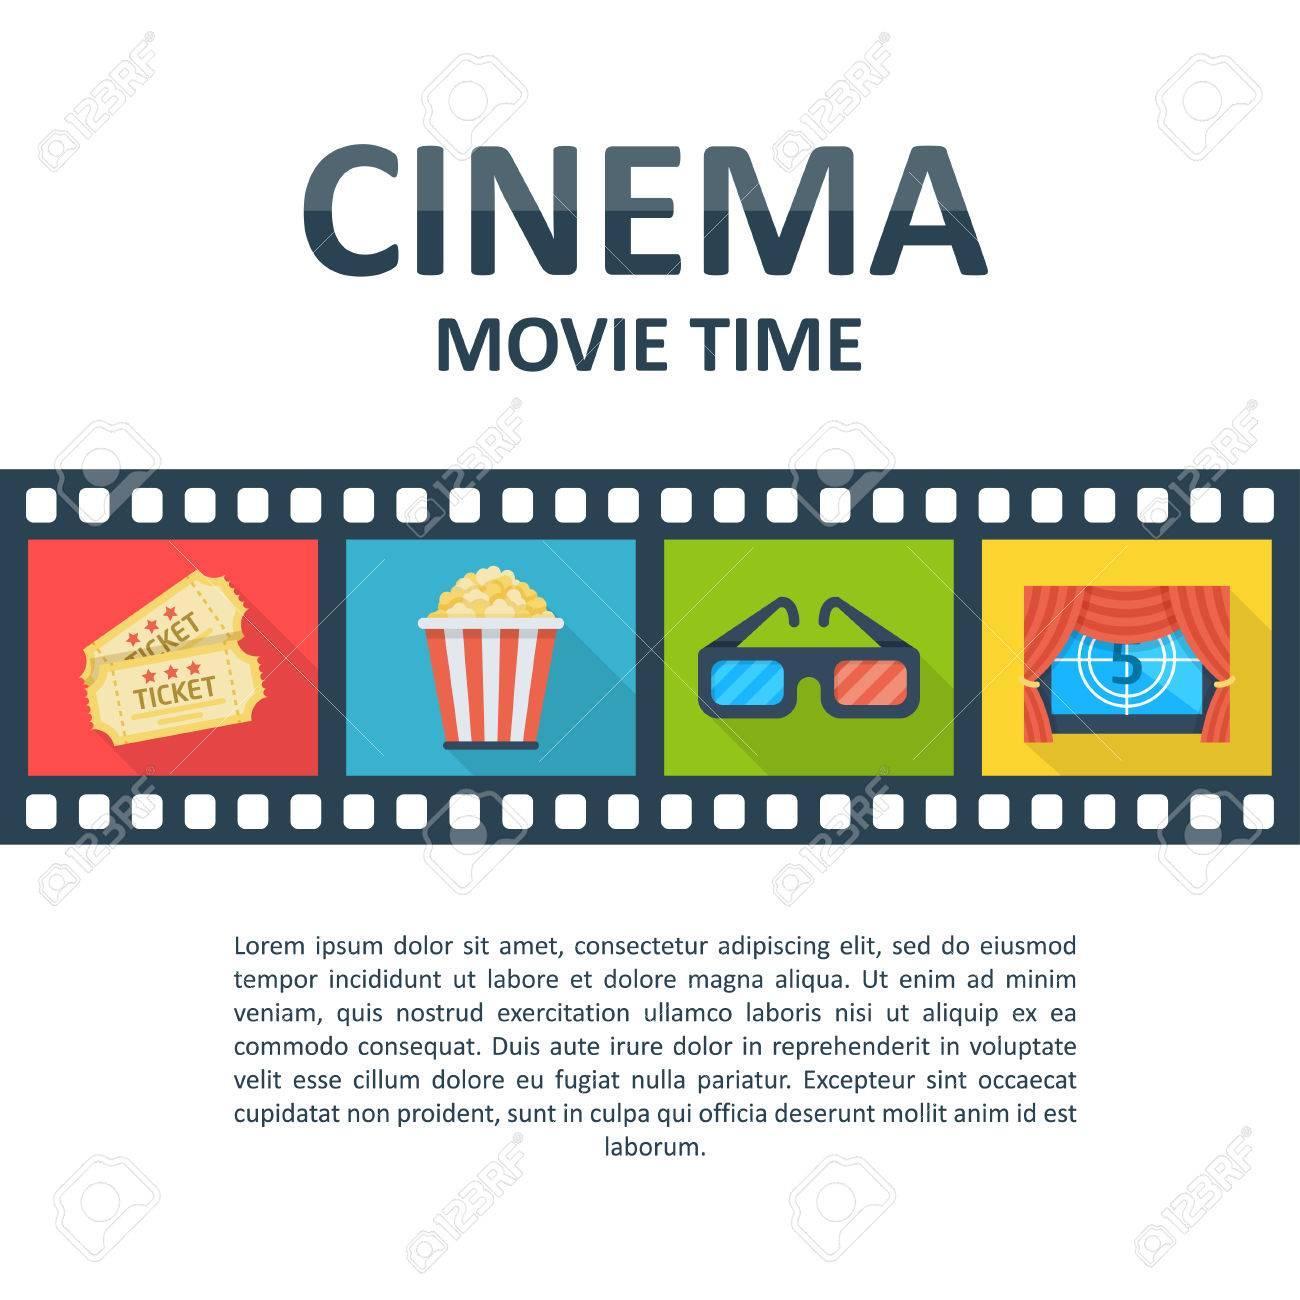 Kino Hintergrund Vorlage. Filmzeitplakat, Karten, Theaterstandorte ...